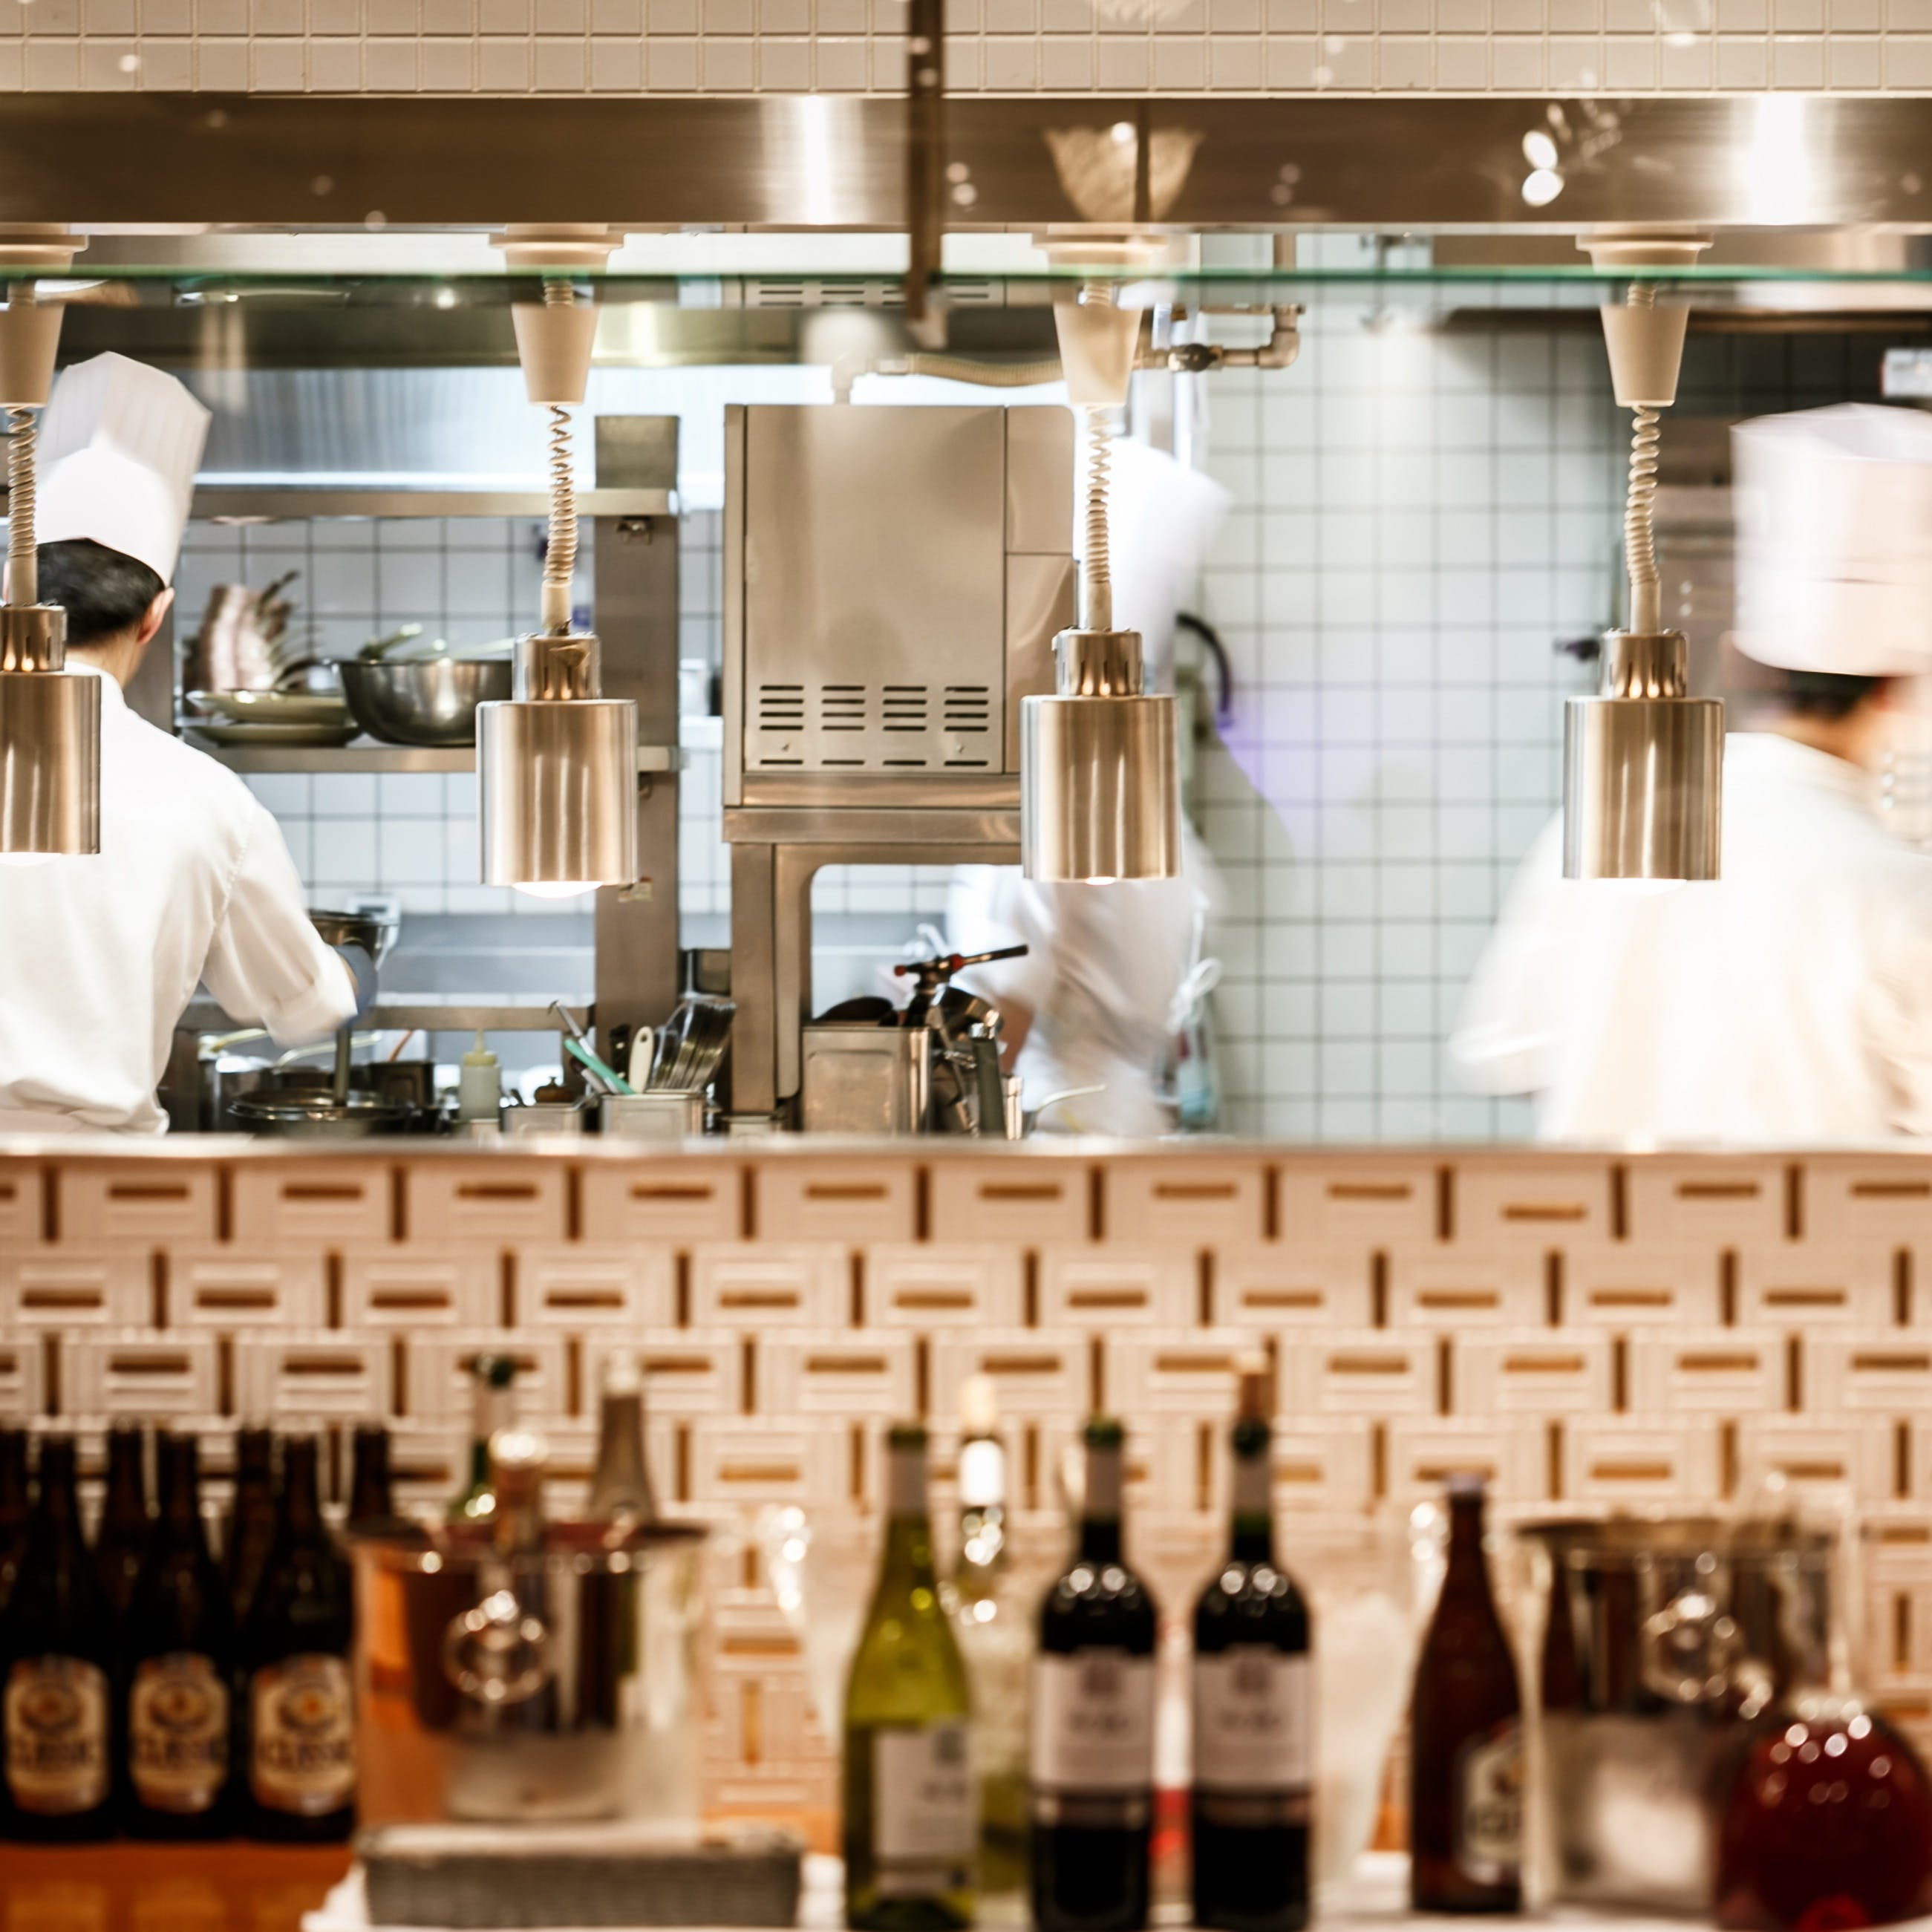 フランス料理店ならではの優雅な空間で、記憶に残るひとときを